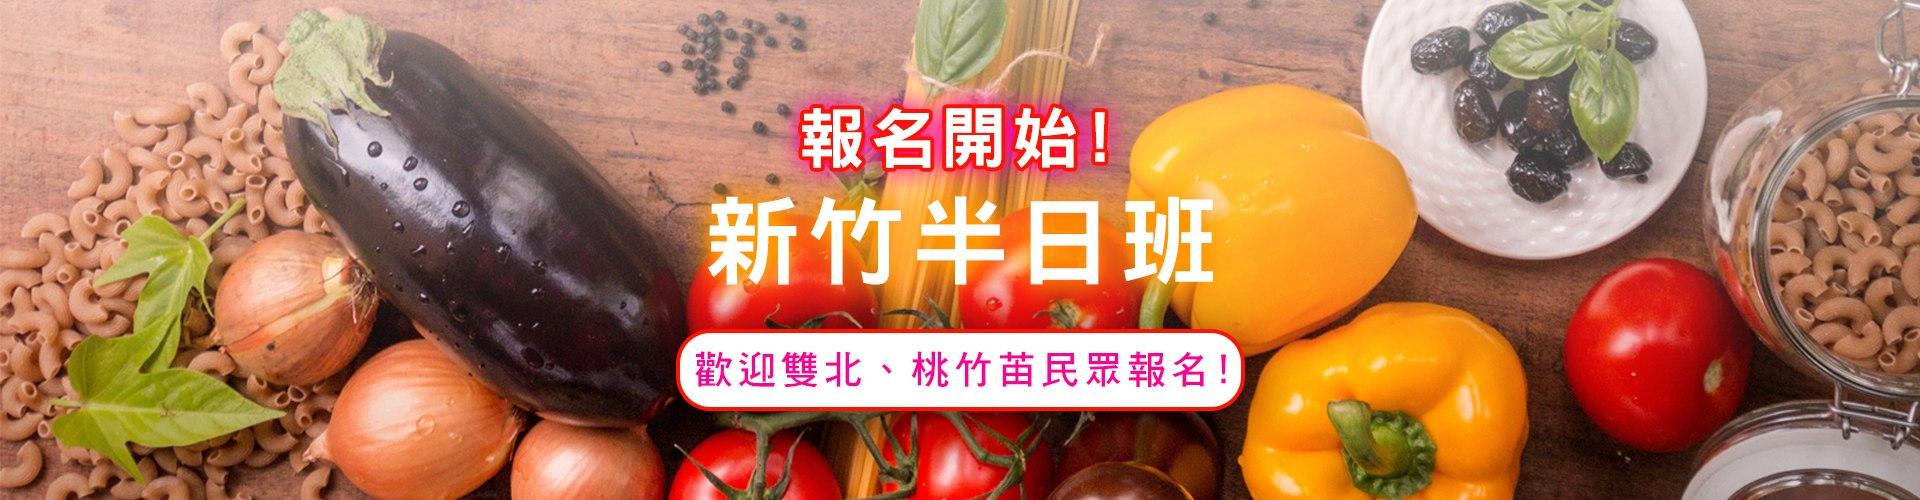 2021/5/27新竹半日班,開放報名中!癌症關懷基金會歡迎台北、桃園、新竹、苖粟的朋友來參加,此為一次性的濃縮抗癌課程。